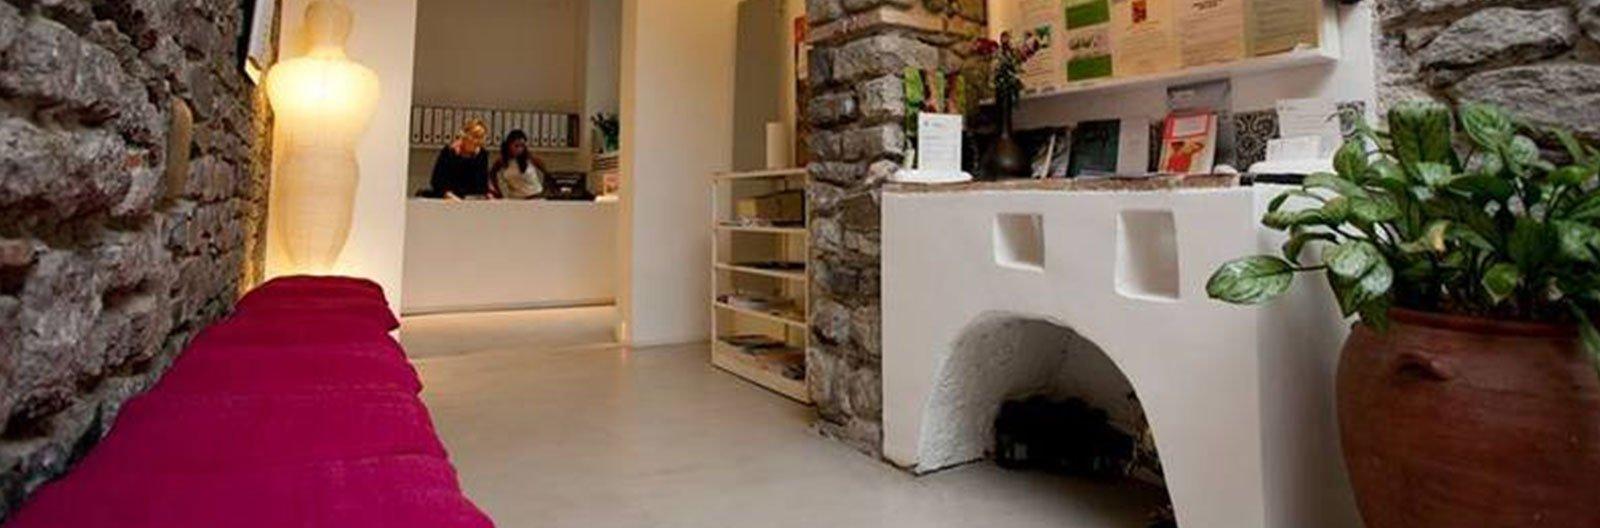 una sala con sulla destra una struttura in marmo con dei fogli appesi al muro e altri oggetti, un vaso con una pianta e in lontananza due donne dietro a un bancone